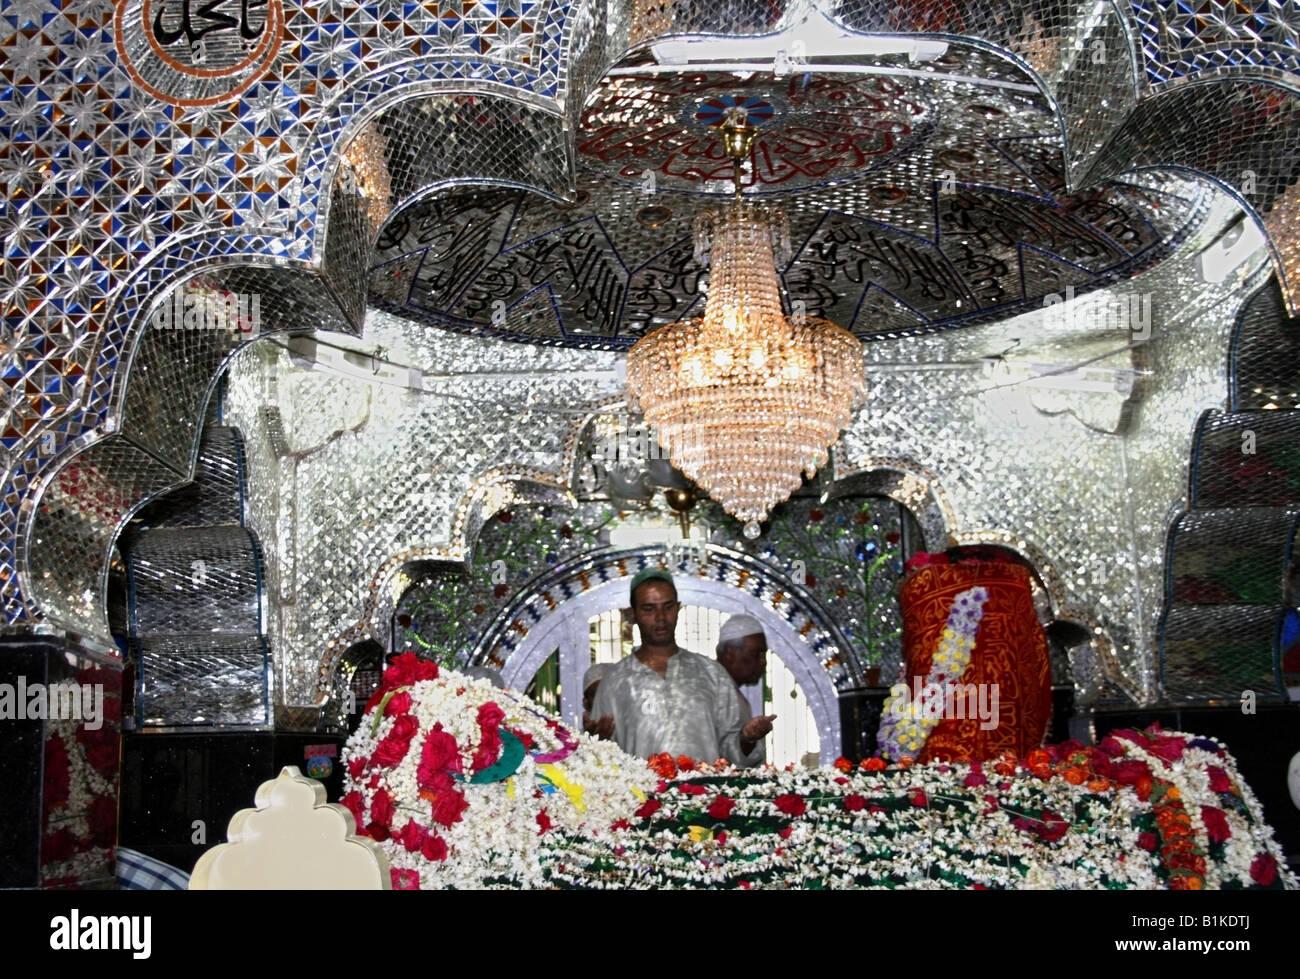 Muslim praying at the tomb or Dargah of the Sufi Saint Tawakkal Mastan, Cottonpet, Bangalore, Karnataka, India - Stock Image